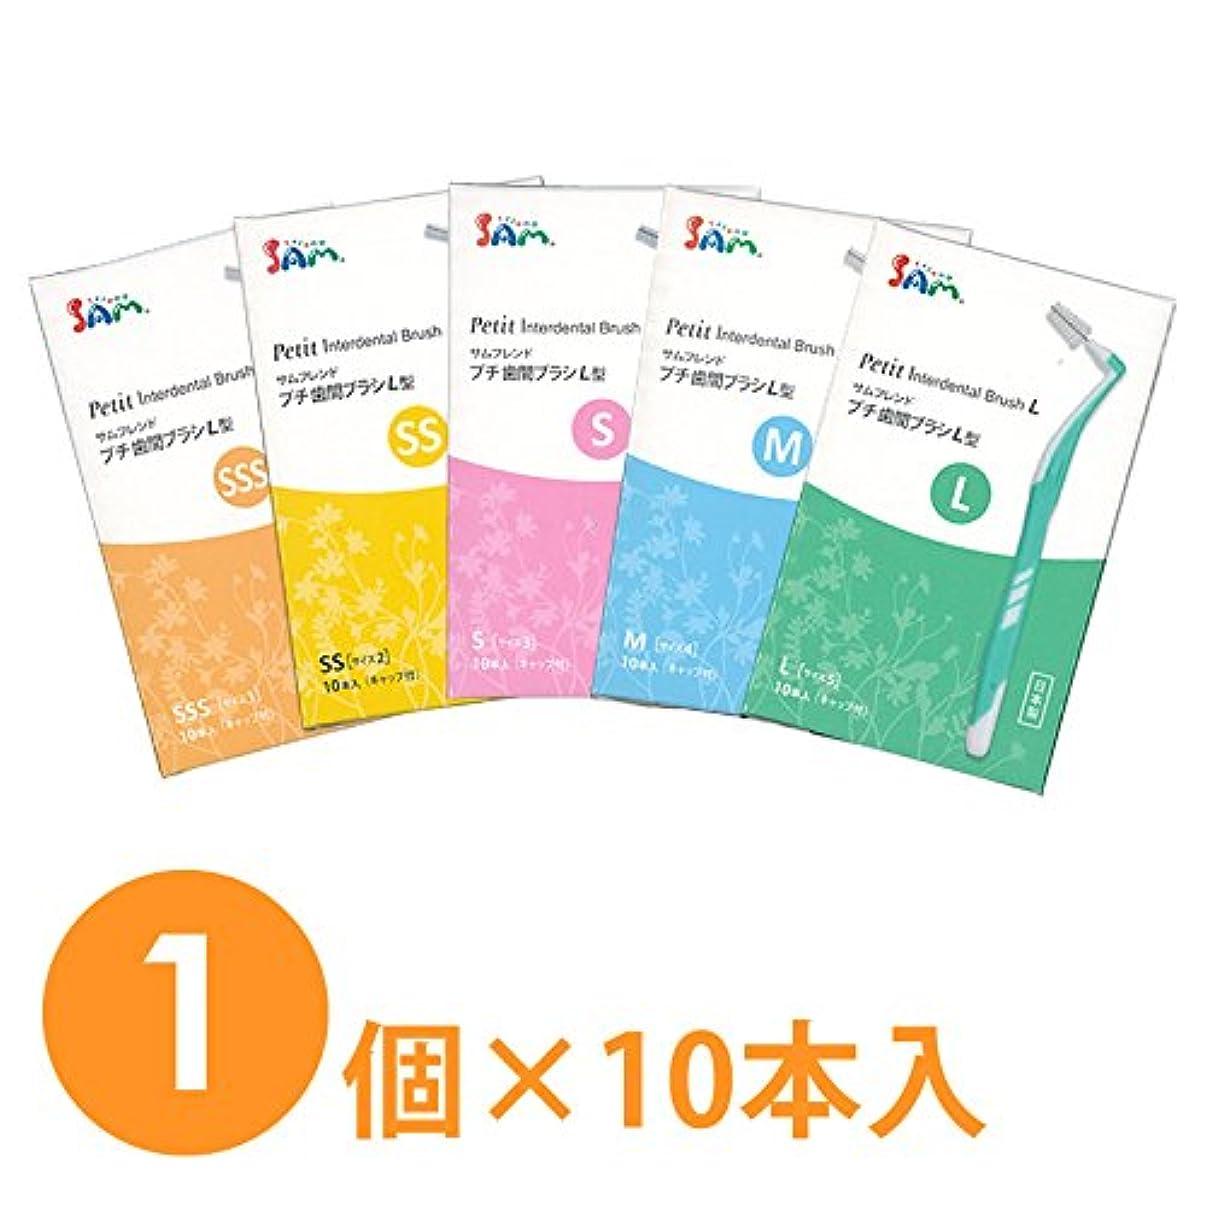 ノミネート競争ブレーキ【1個】サンデンタル サムフレンド プチ歯間ブラシL型 10本入り (S(3)ピンク)